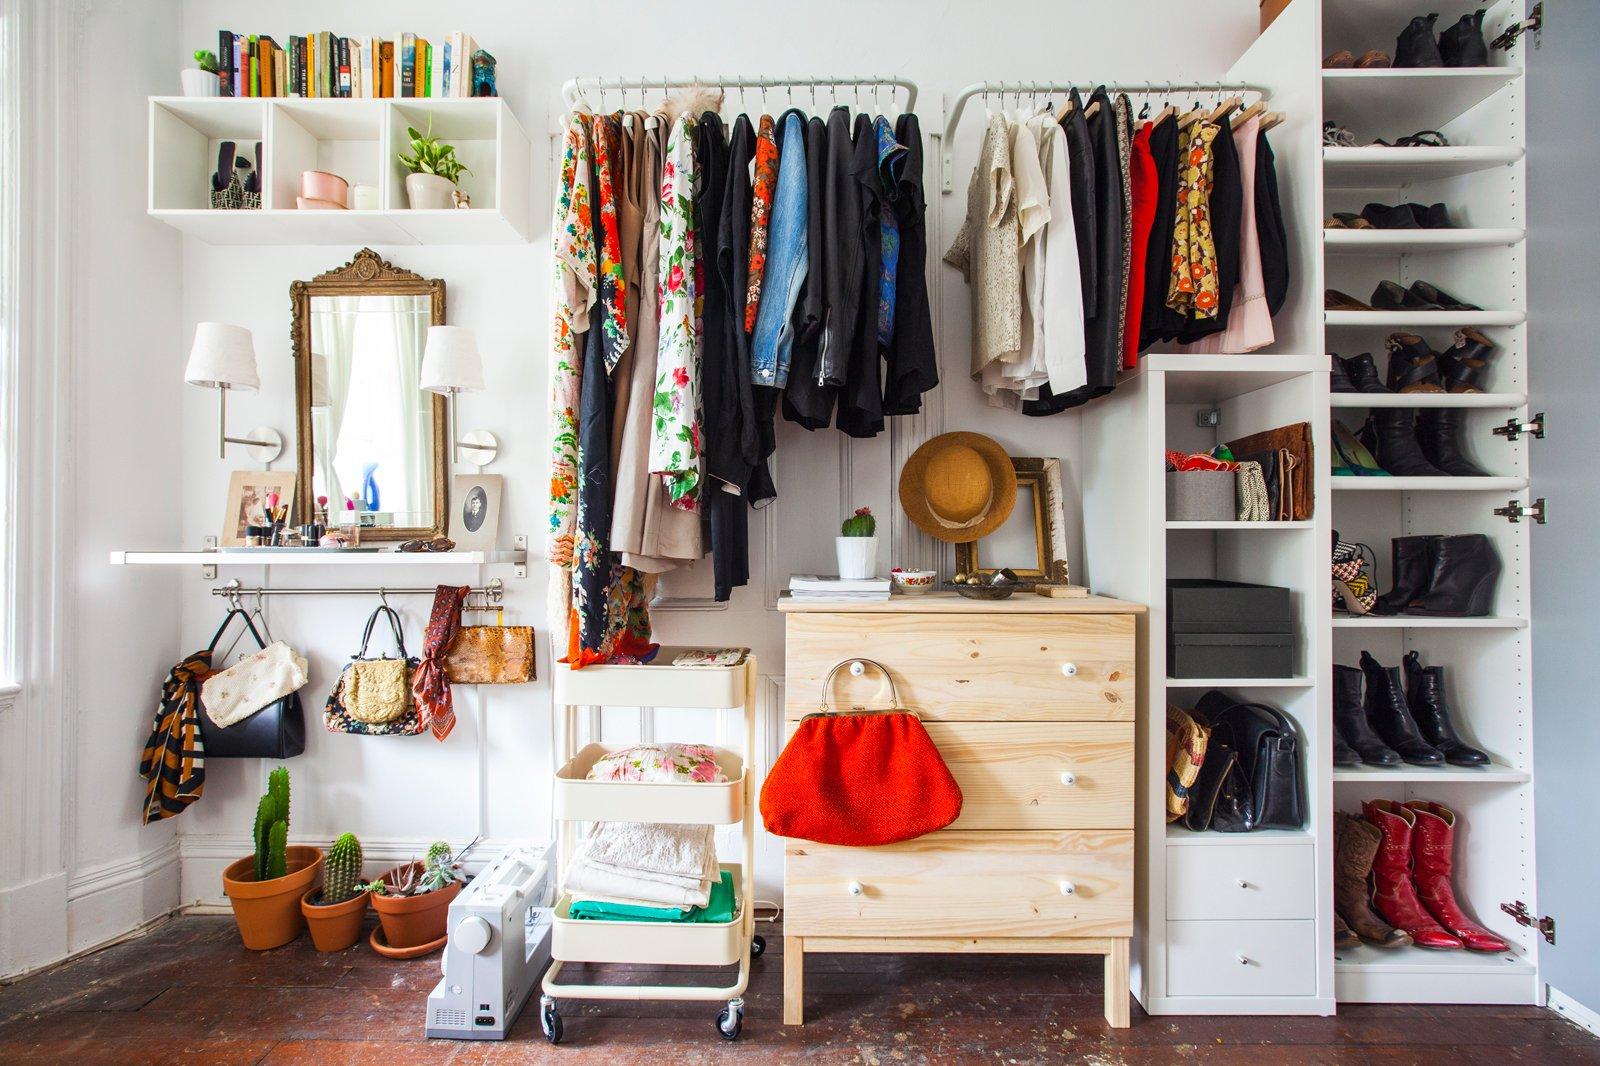 20 soluciones pr cticas para casas y espacios peque os for Acomodar muebles en espacios pequenos